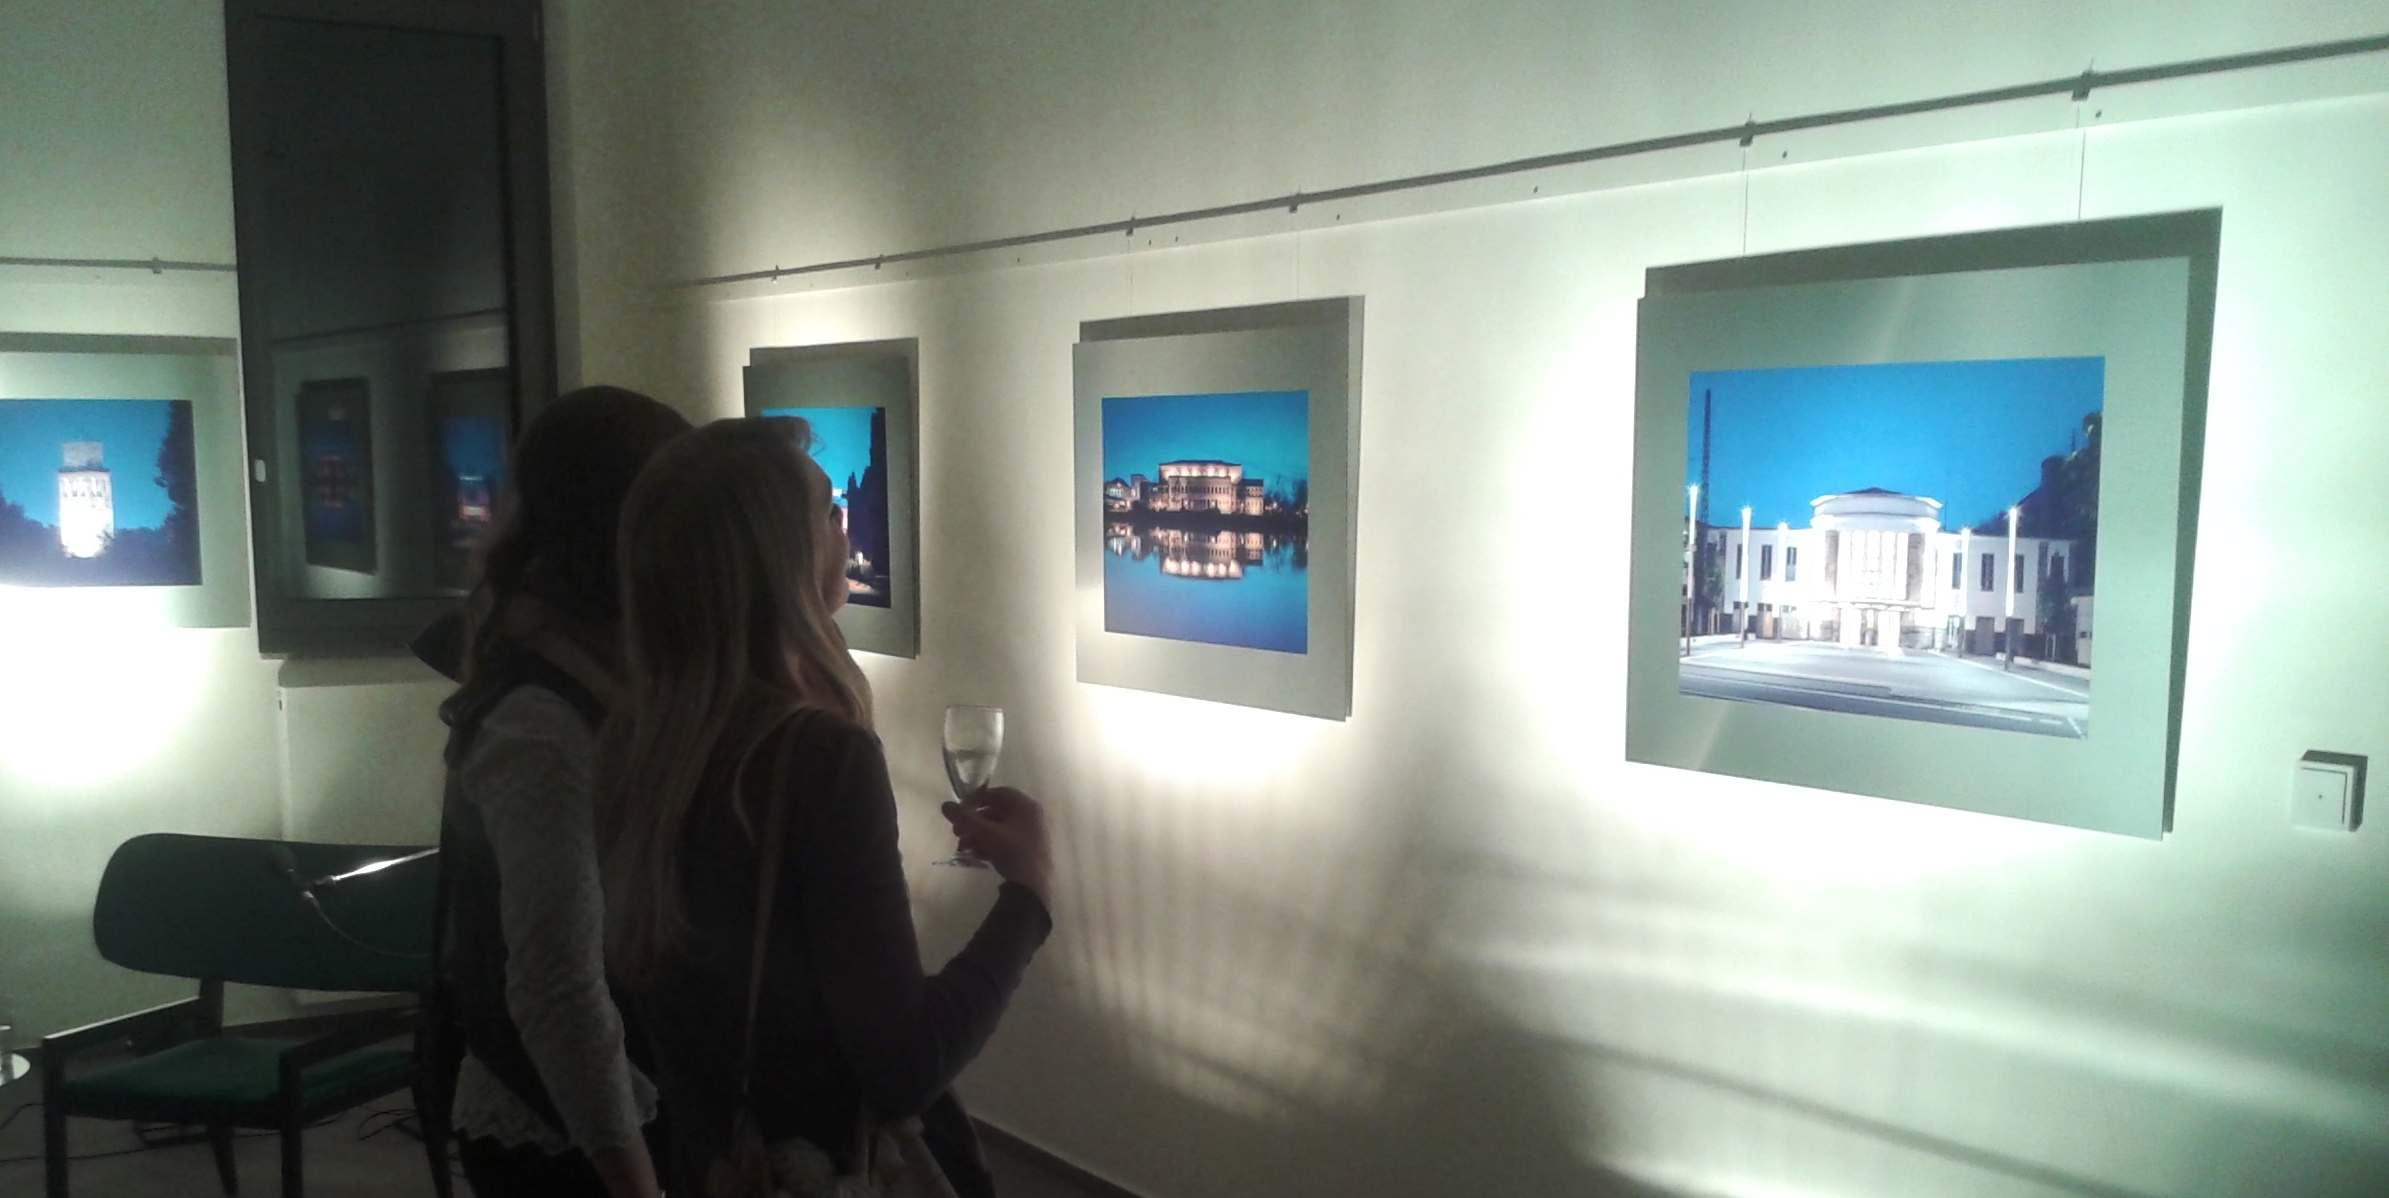 FOTOGRAFIE:  Harmonie von Bild und Text  -Eröffnung der Glagla-Ausstellung in der Kunststadt Mülheim am 14. Januar 2014